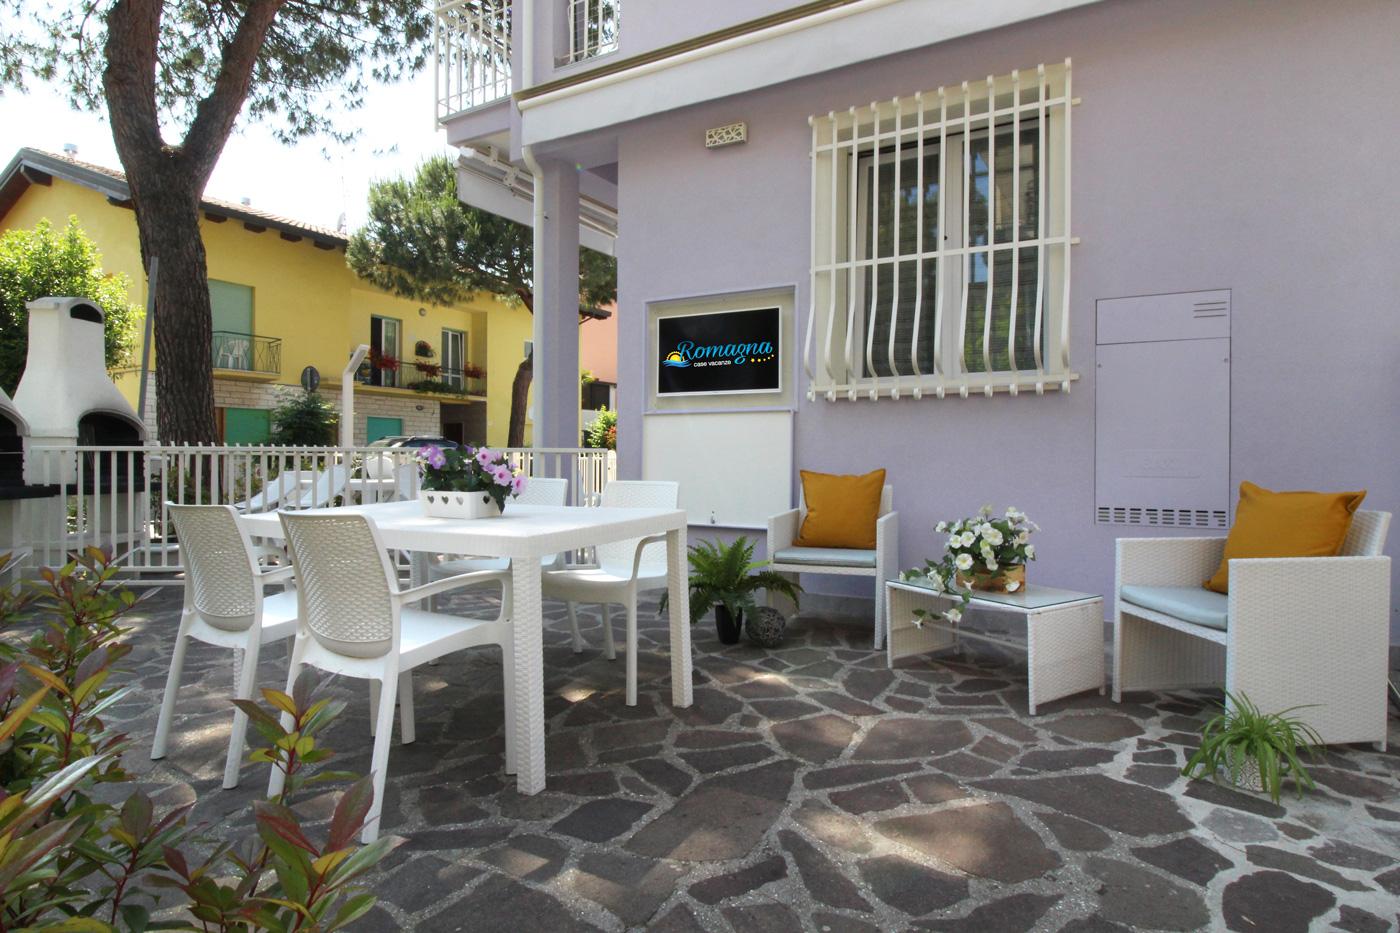 Appartamento thomas romagna case vacanze san mauro mare gatteo mare_8832_2